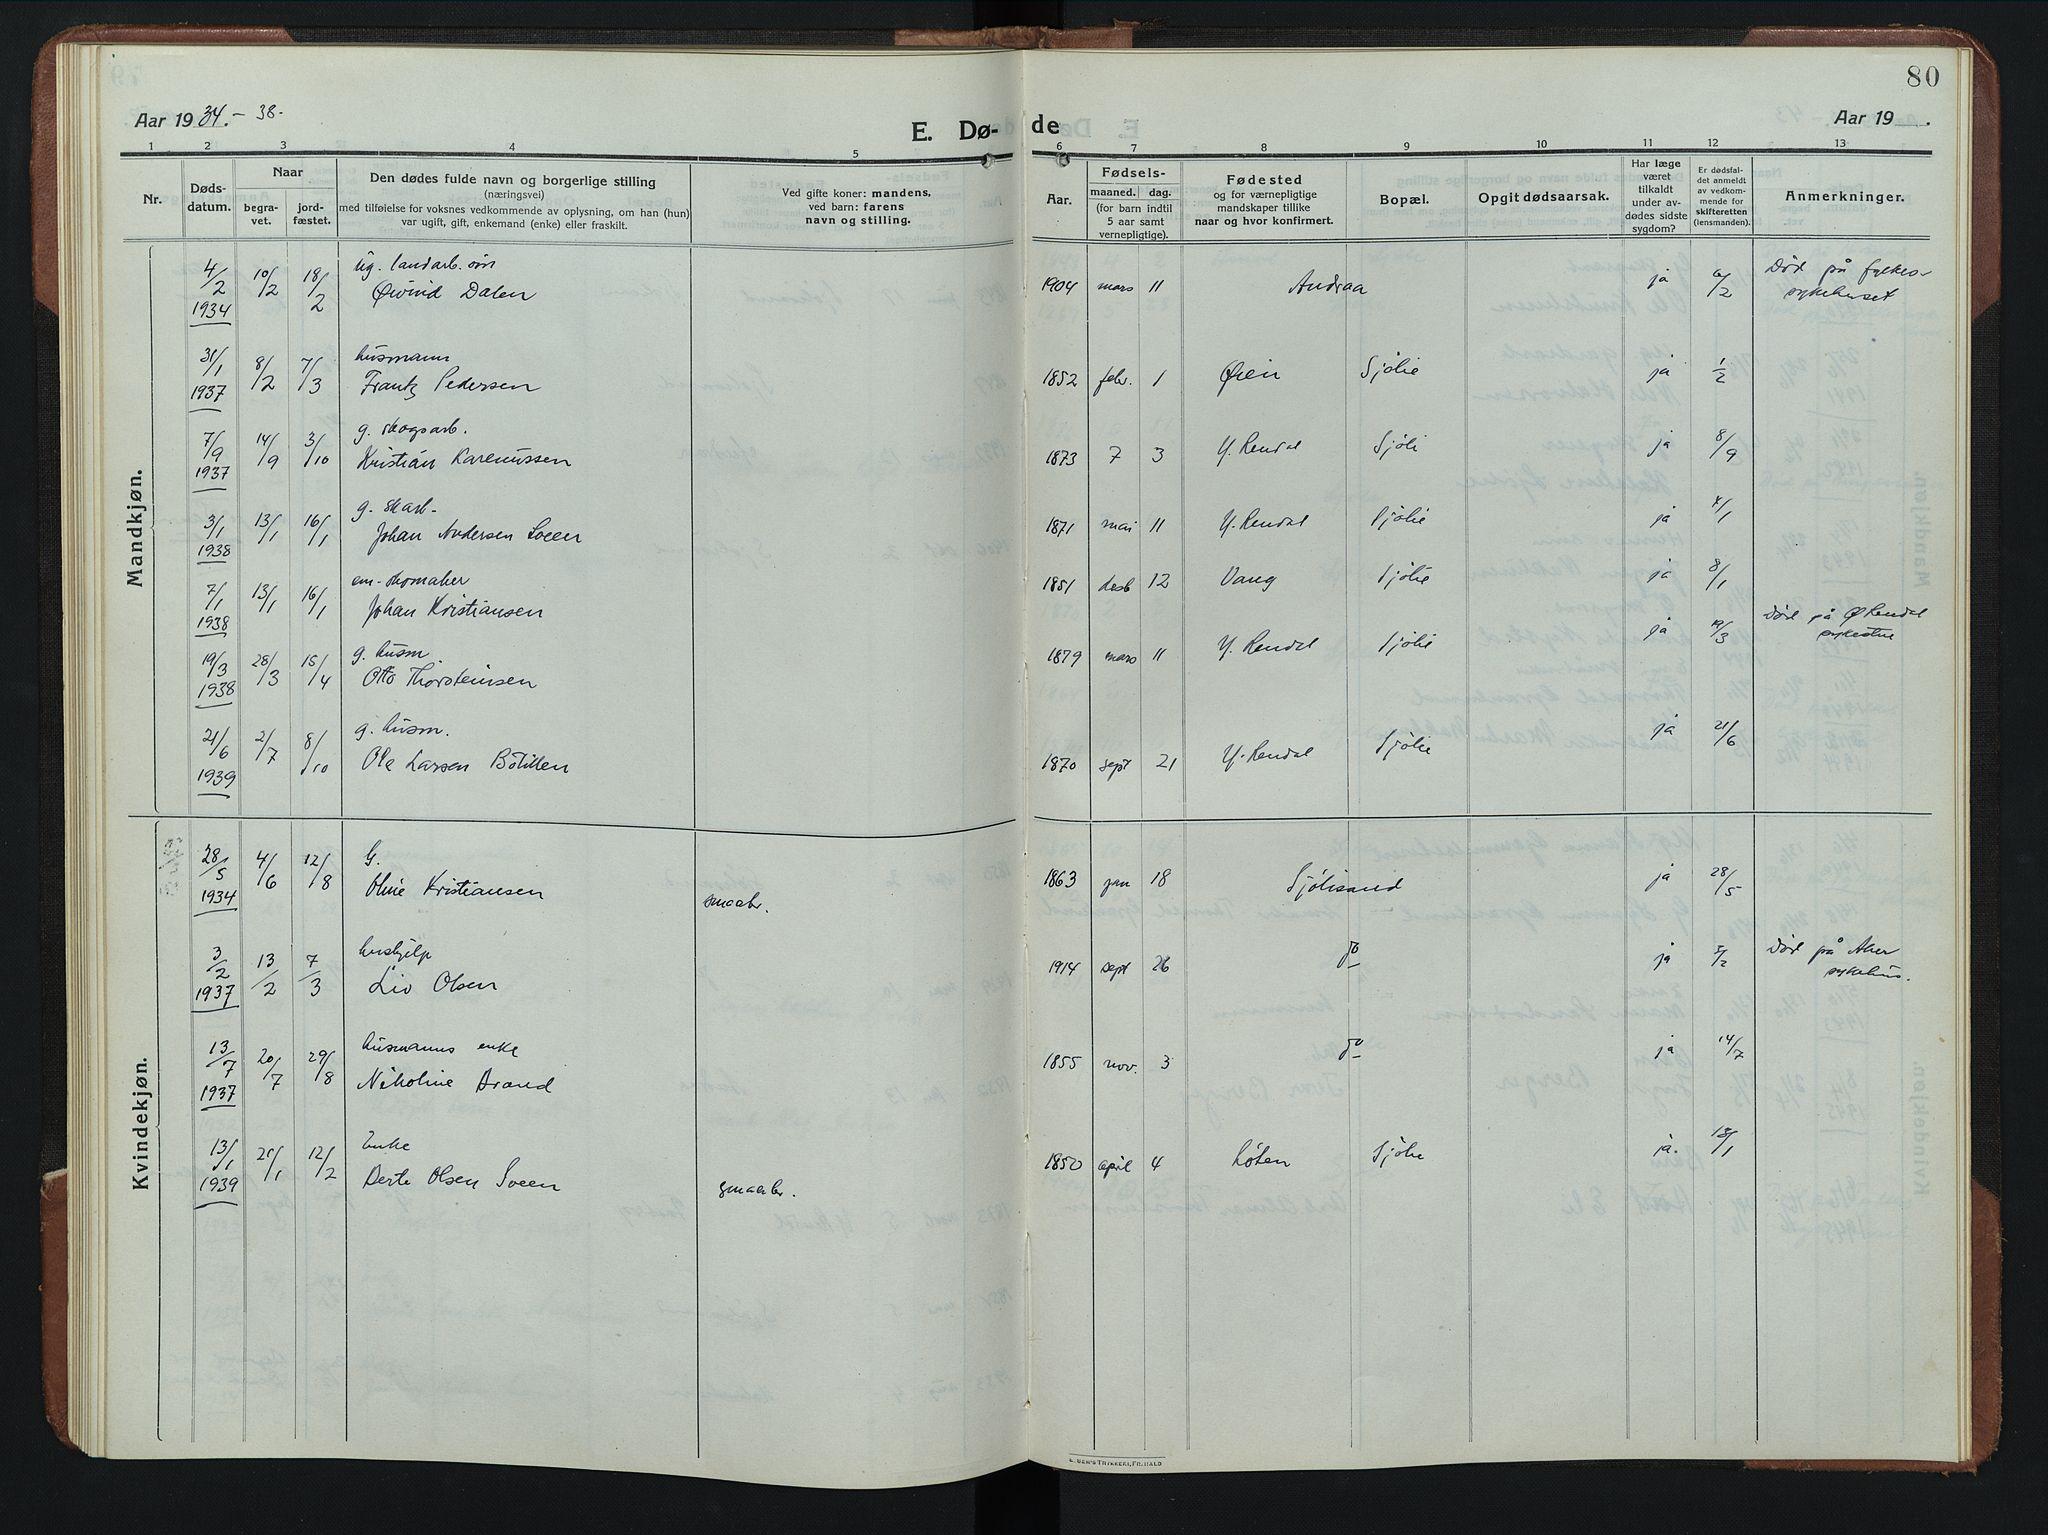 SAH, Rendalen prestekontor, H/Ha/Hab/L0008: Klokkerbok nr. 8, 1914-1948, s. 80